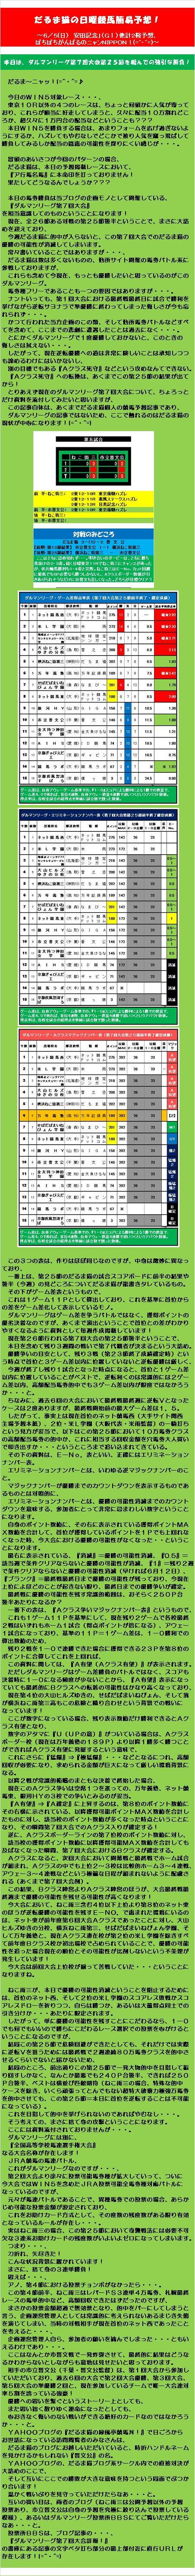 20160605・日曜競馬予想①.jpg